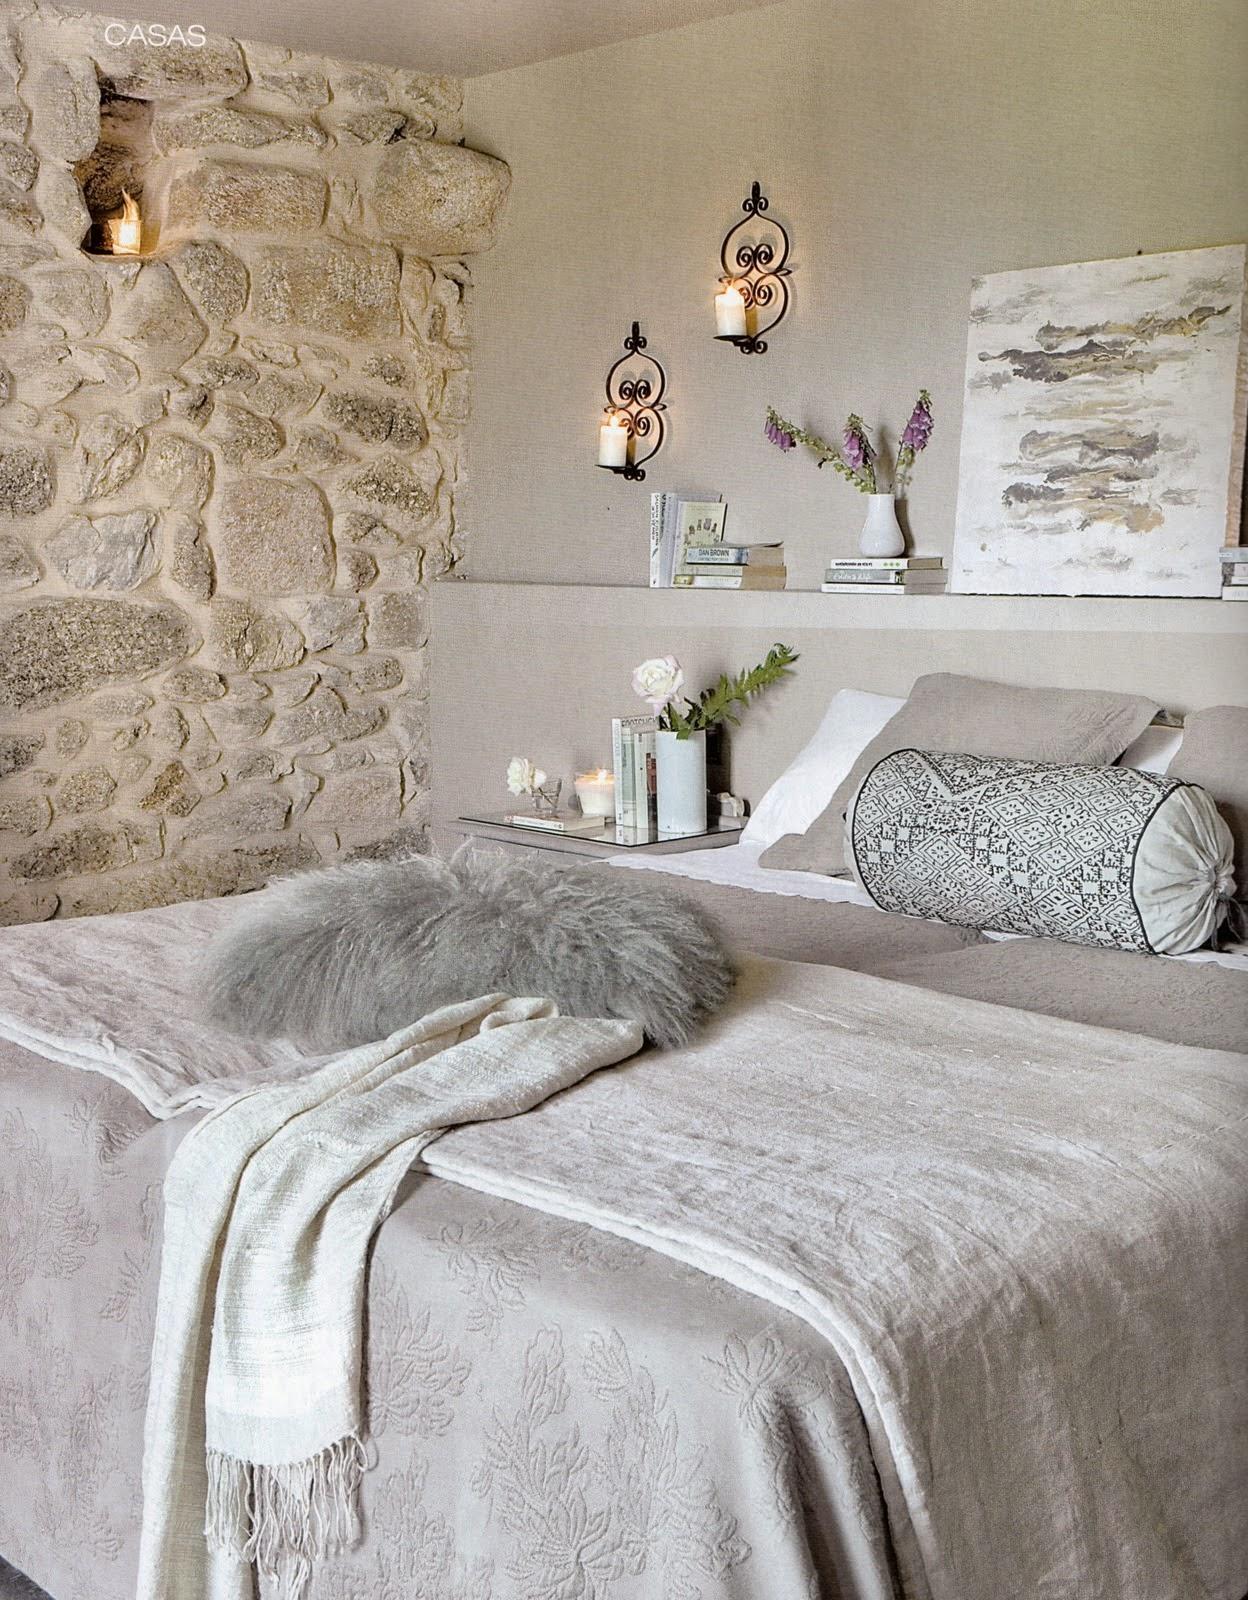 Boiserie c 15 meravigliose camere da letto con la pietra - Boiserie camera da letto ...